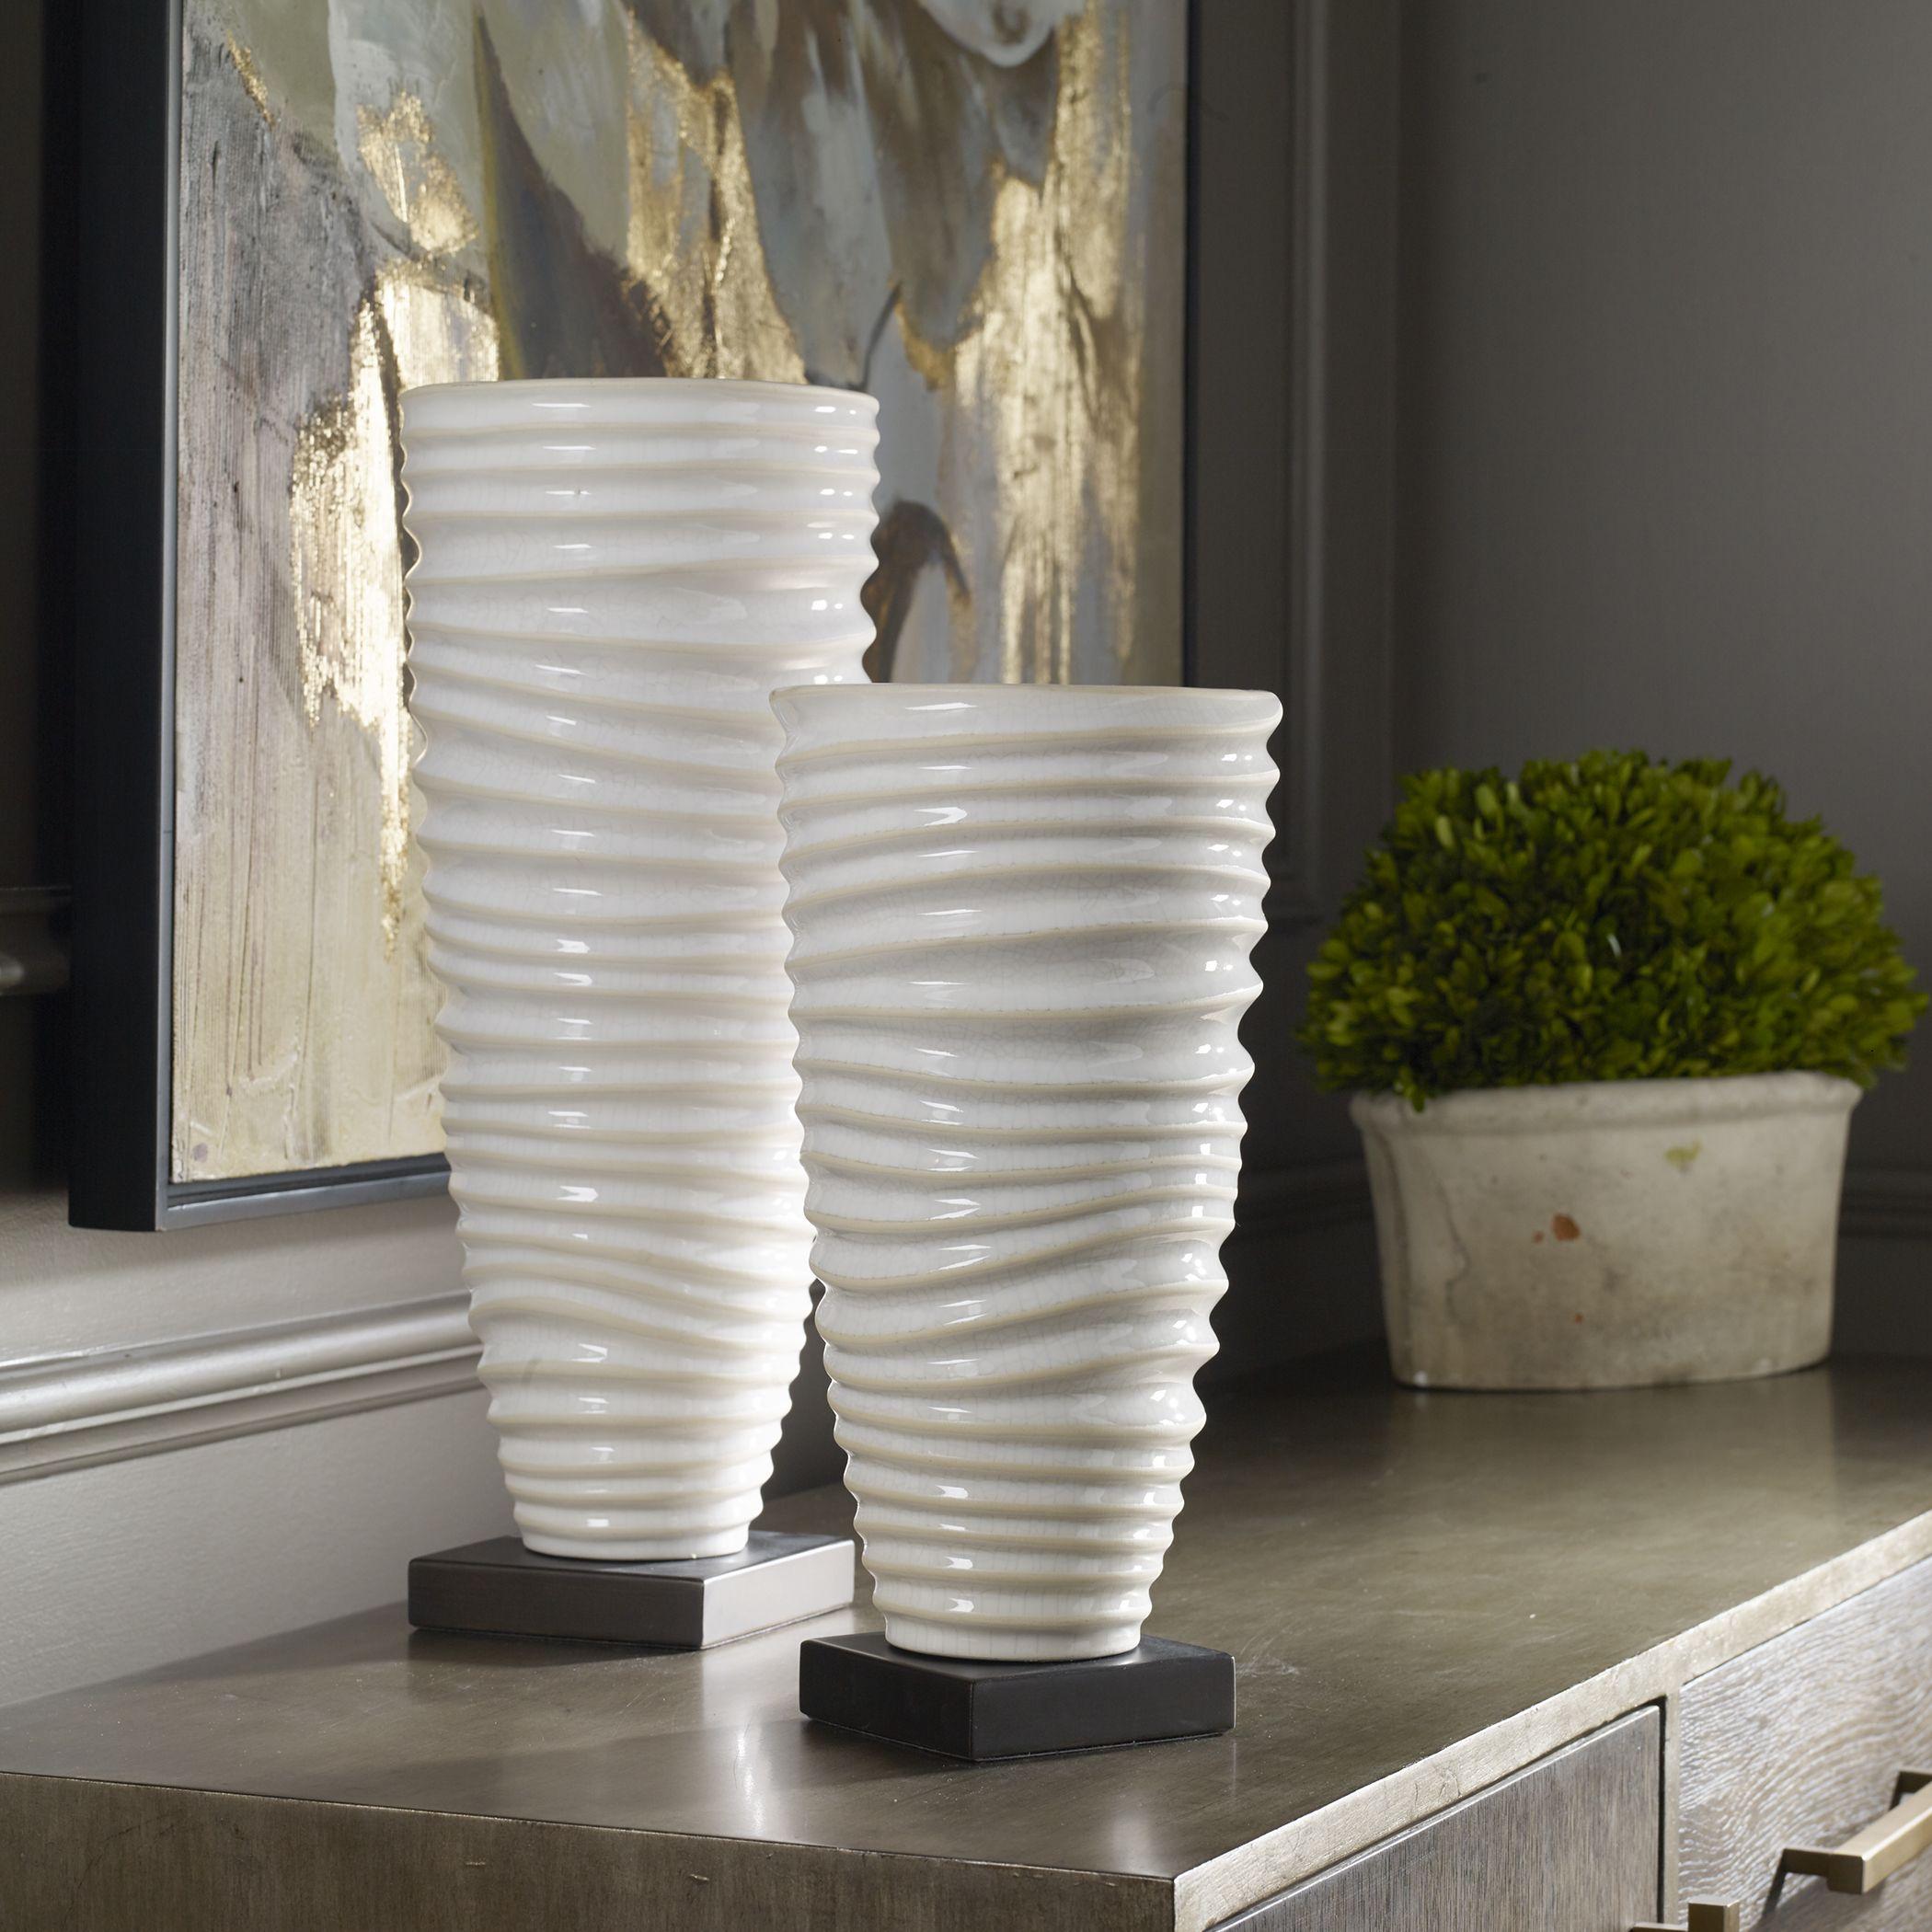 2 Decorative Tall Cylinder Vases Modern Centerpiece Flower Decor Floor Accent Ebay